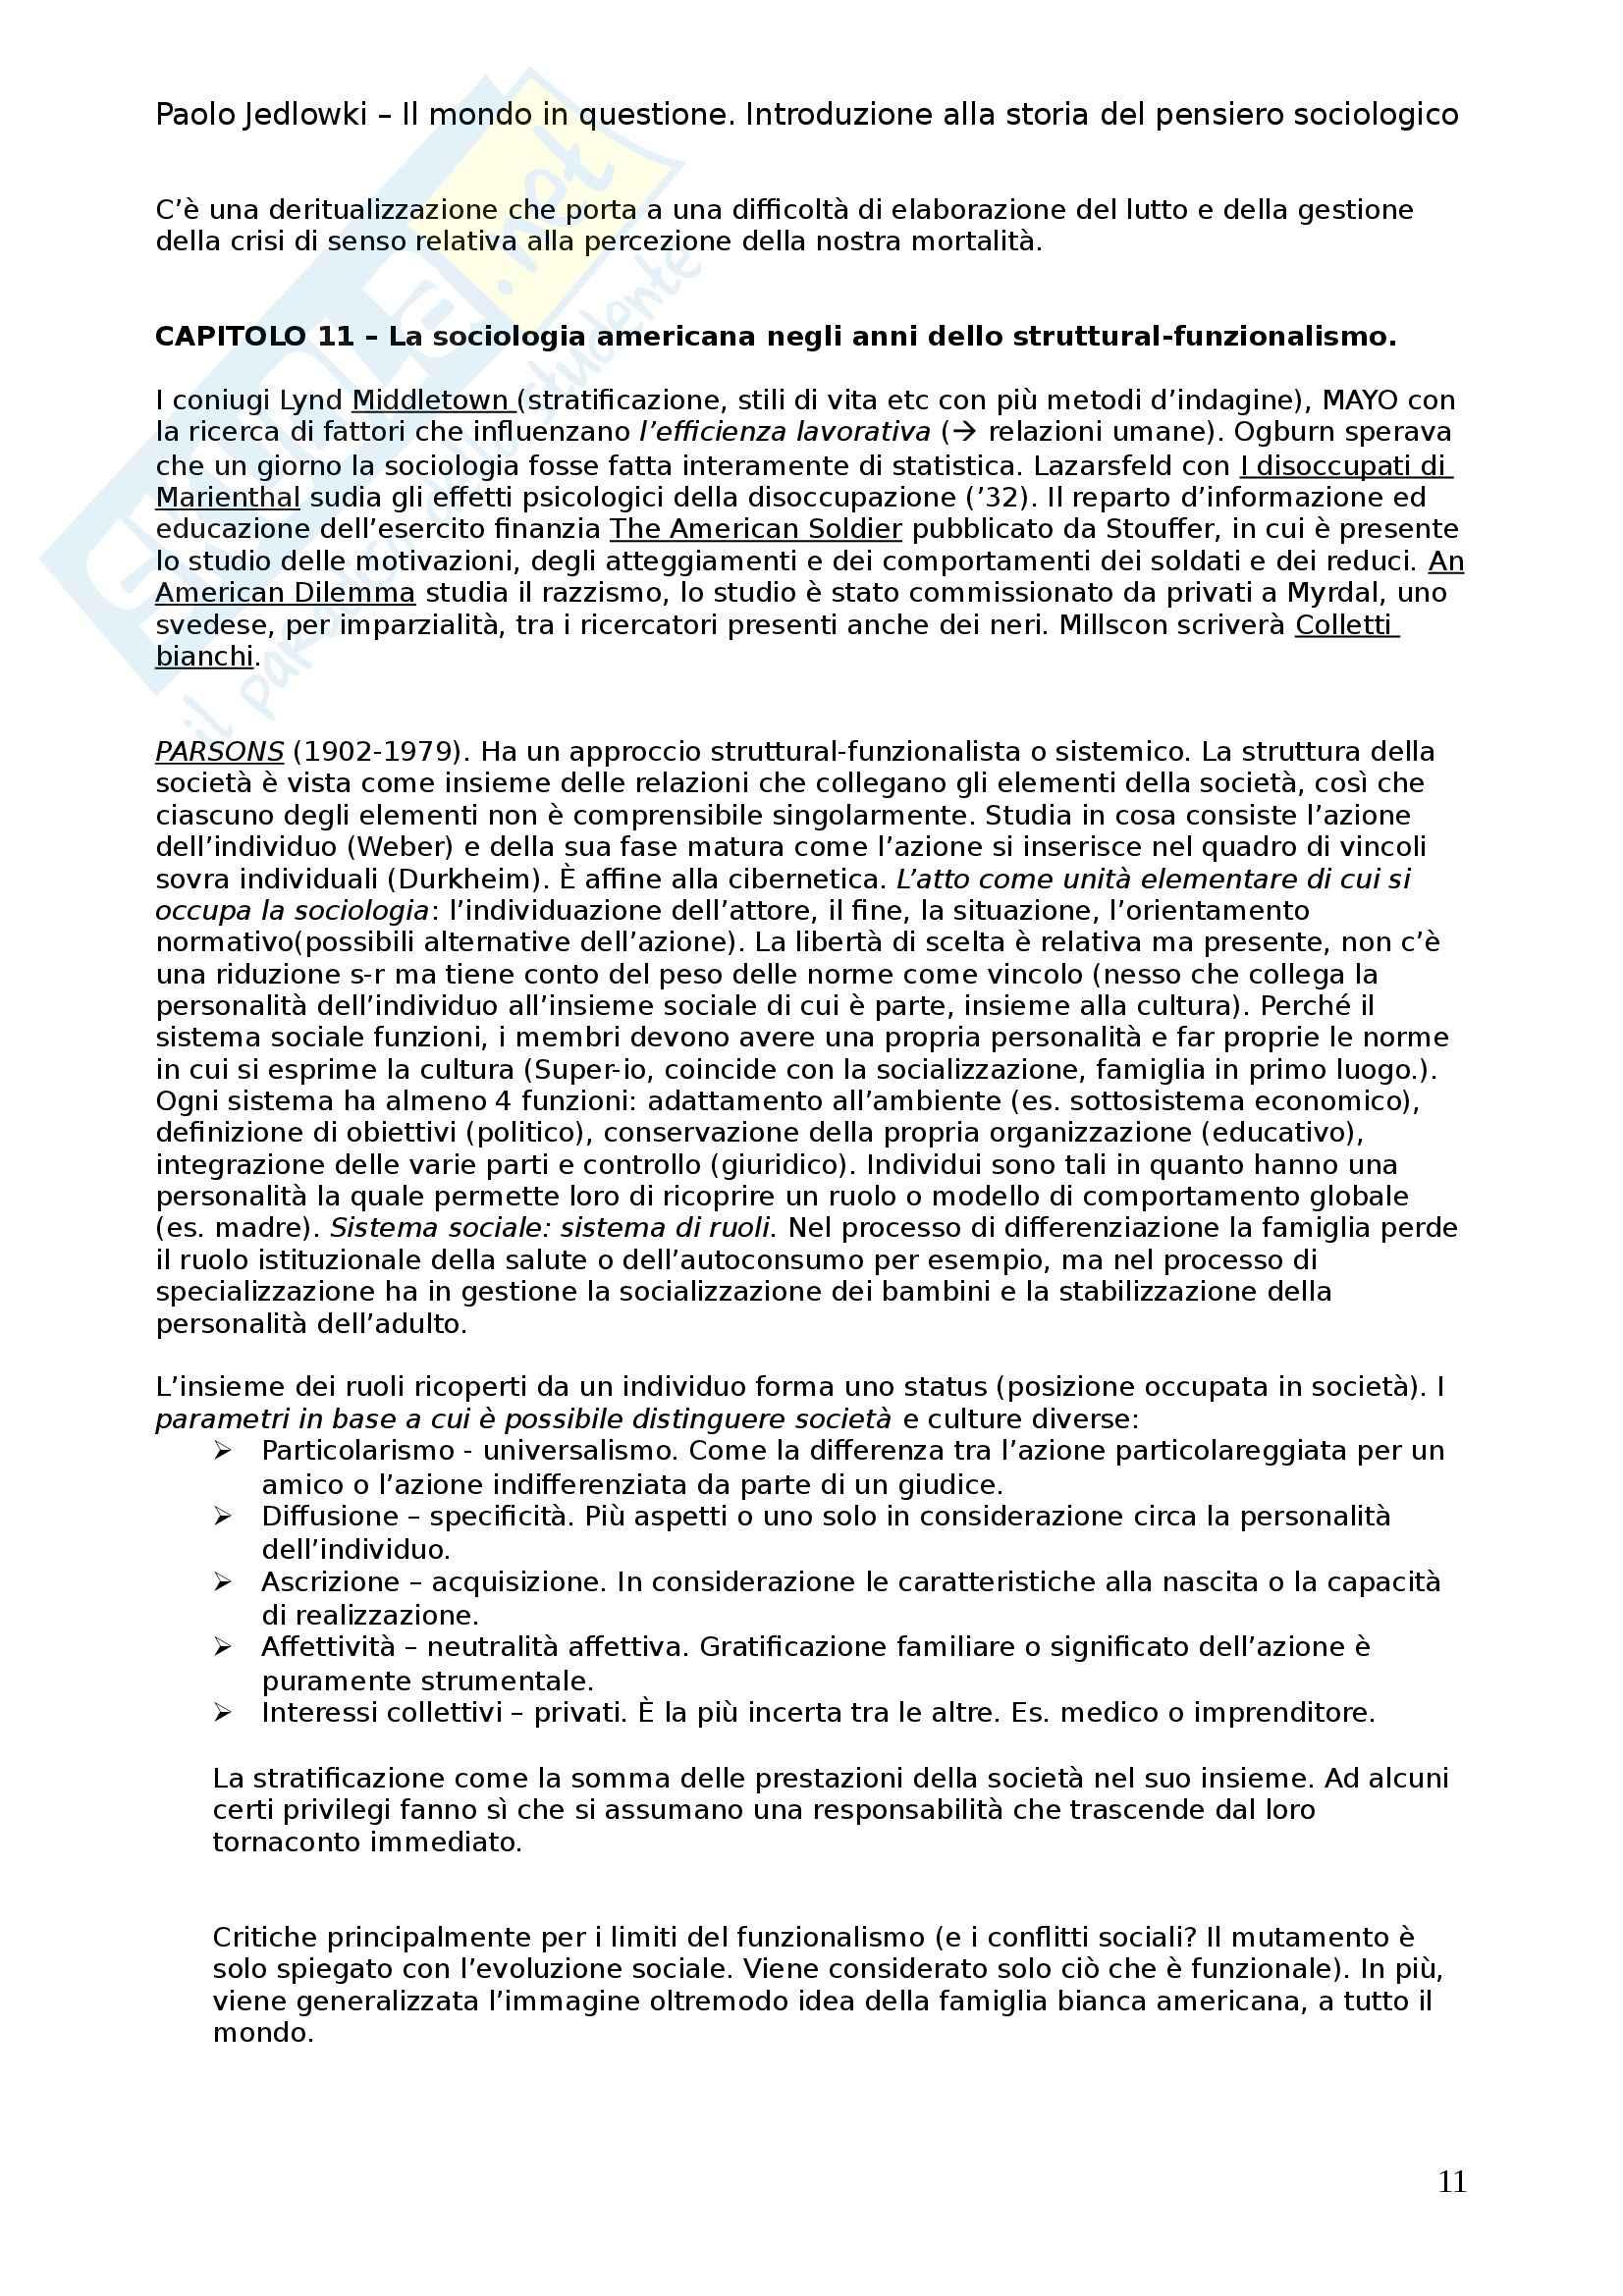 Riassunto esame Storia del pensiero sociologico, prof. Bonino, libro consigliato Il mondo in questione, Jedlowski Pag. 11